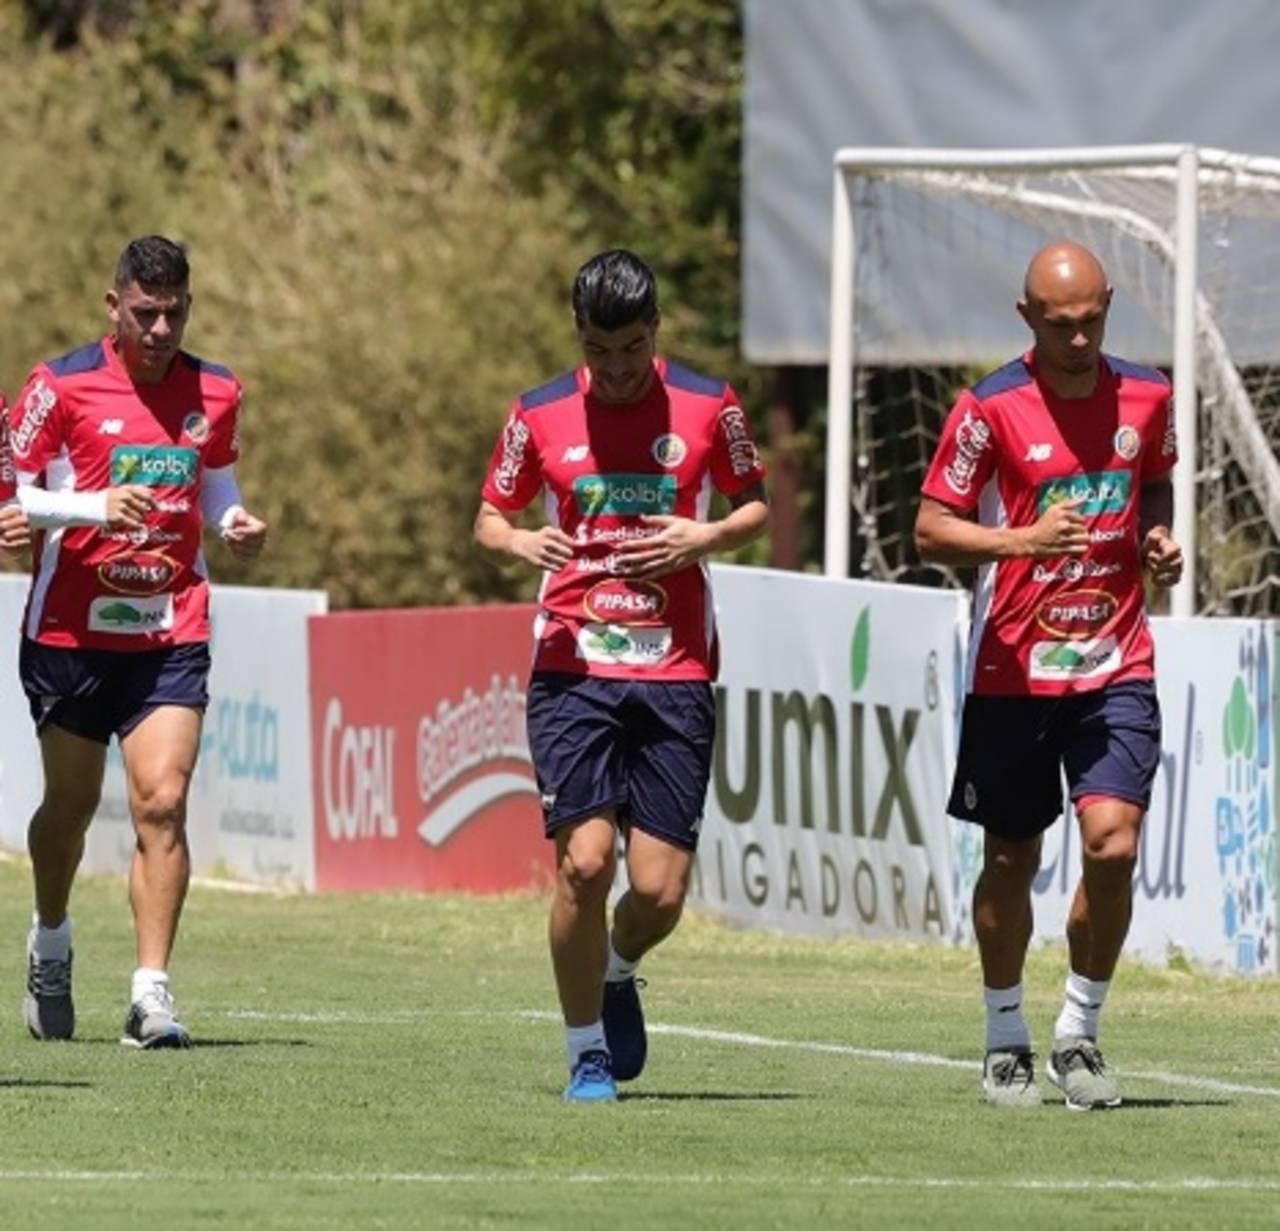 Los costarricenses confían en derrotar el viernes a México